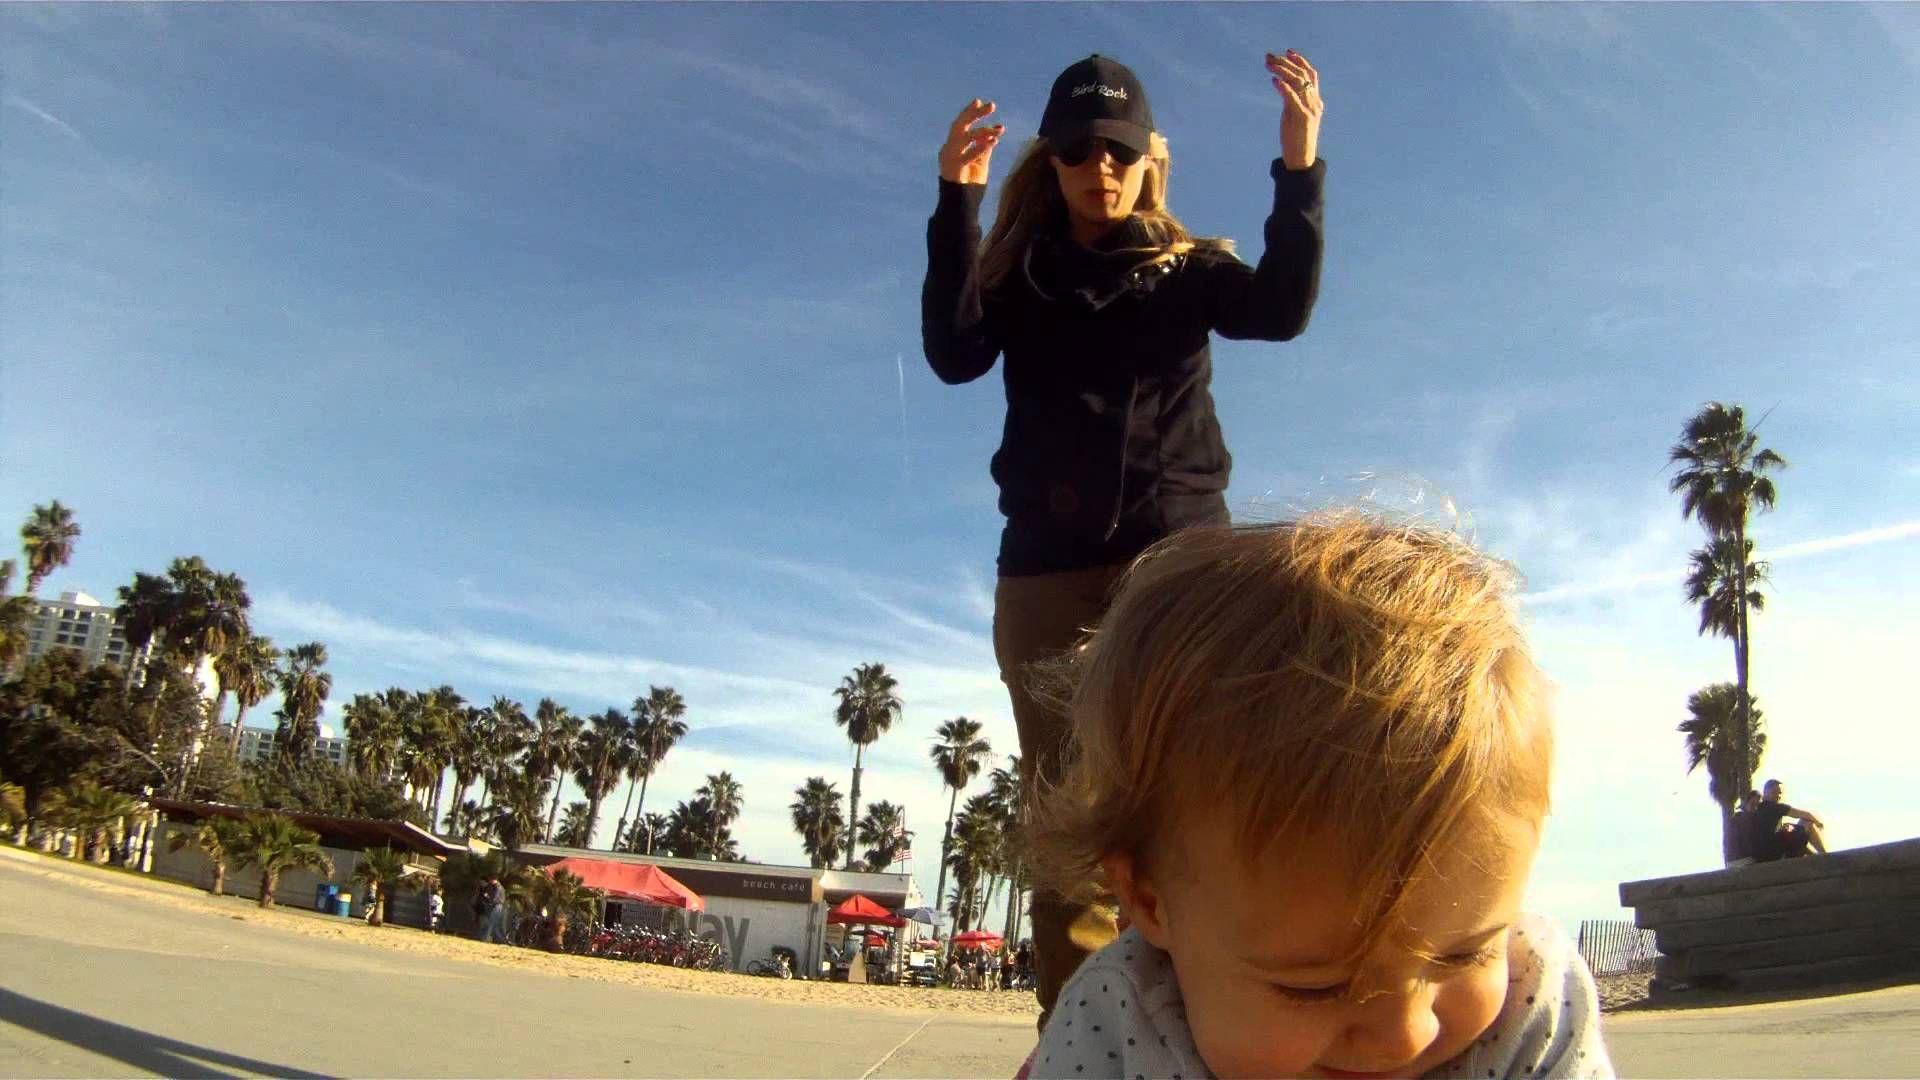 Ava on her skateboatd, GoPro